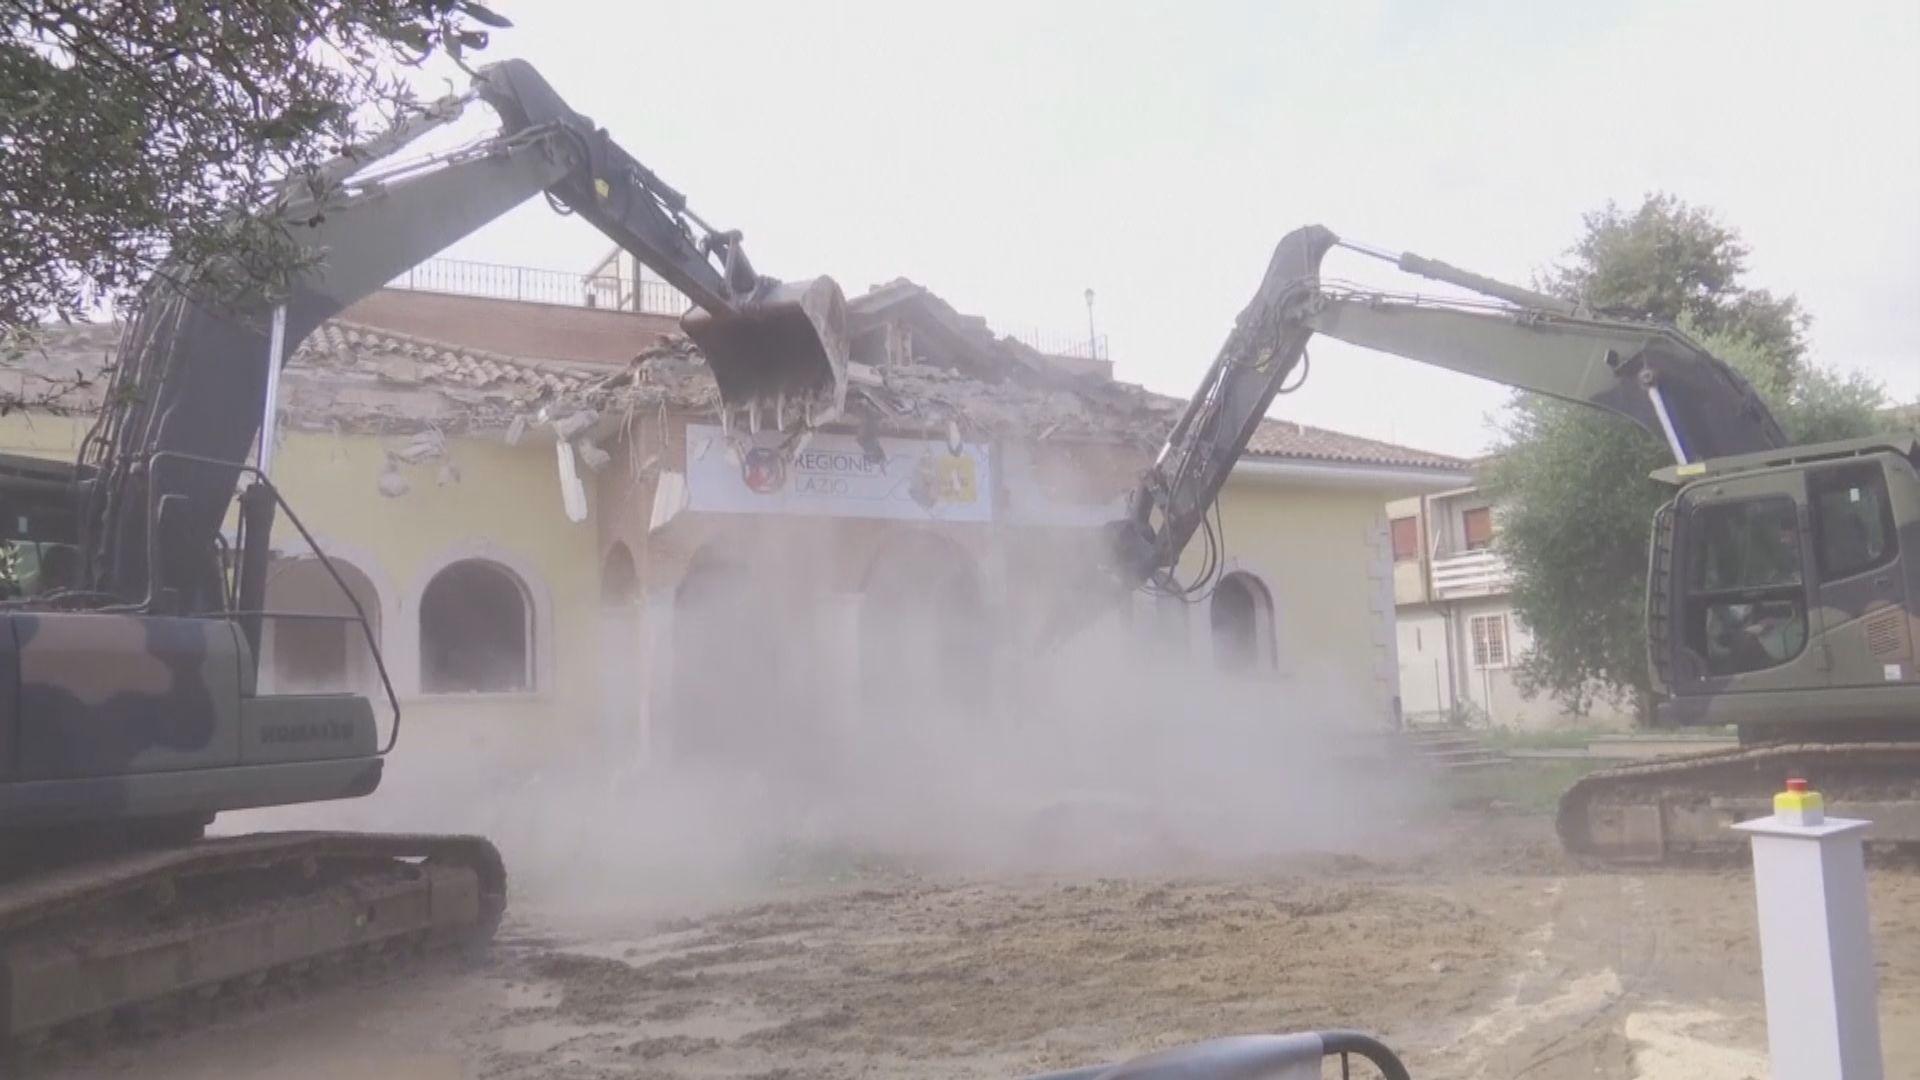 【環球薈報】意內政部長親身拆毀犯罪集團豪宅